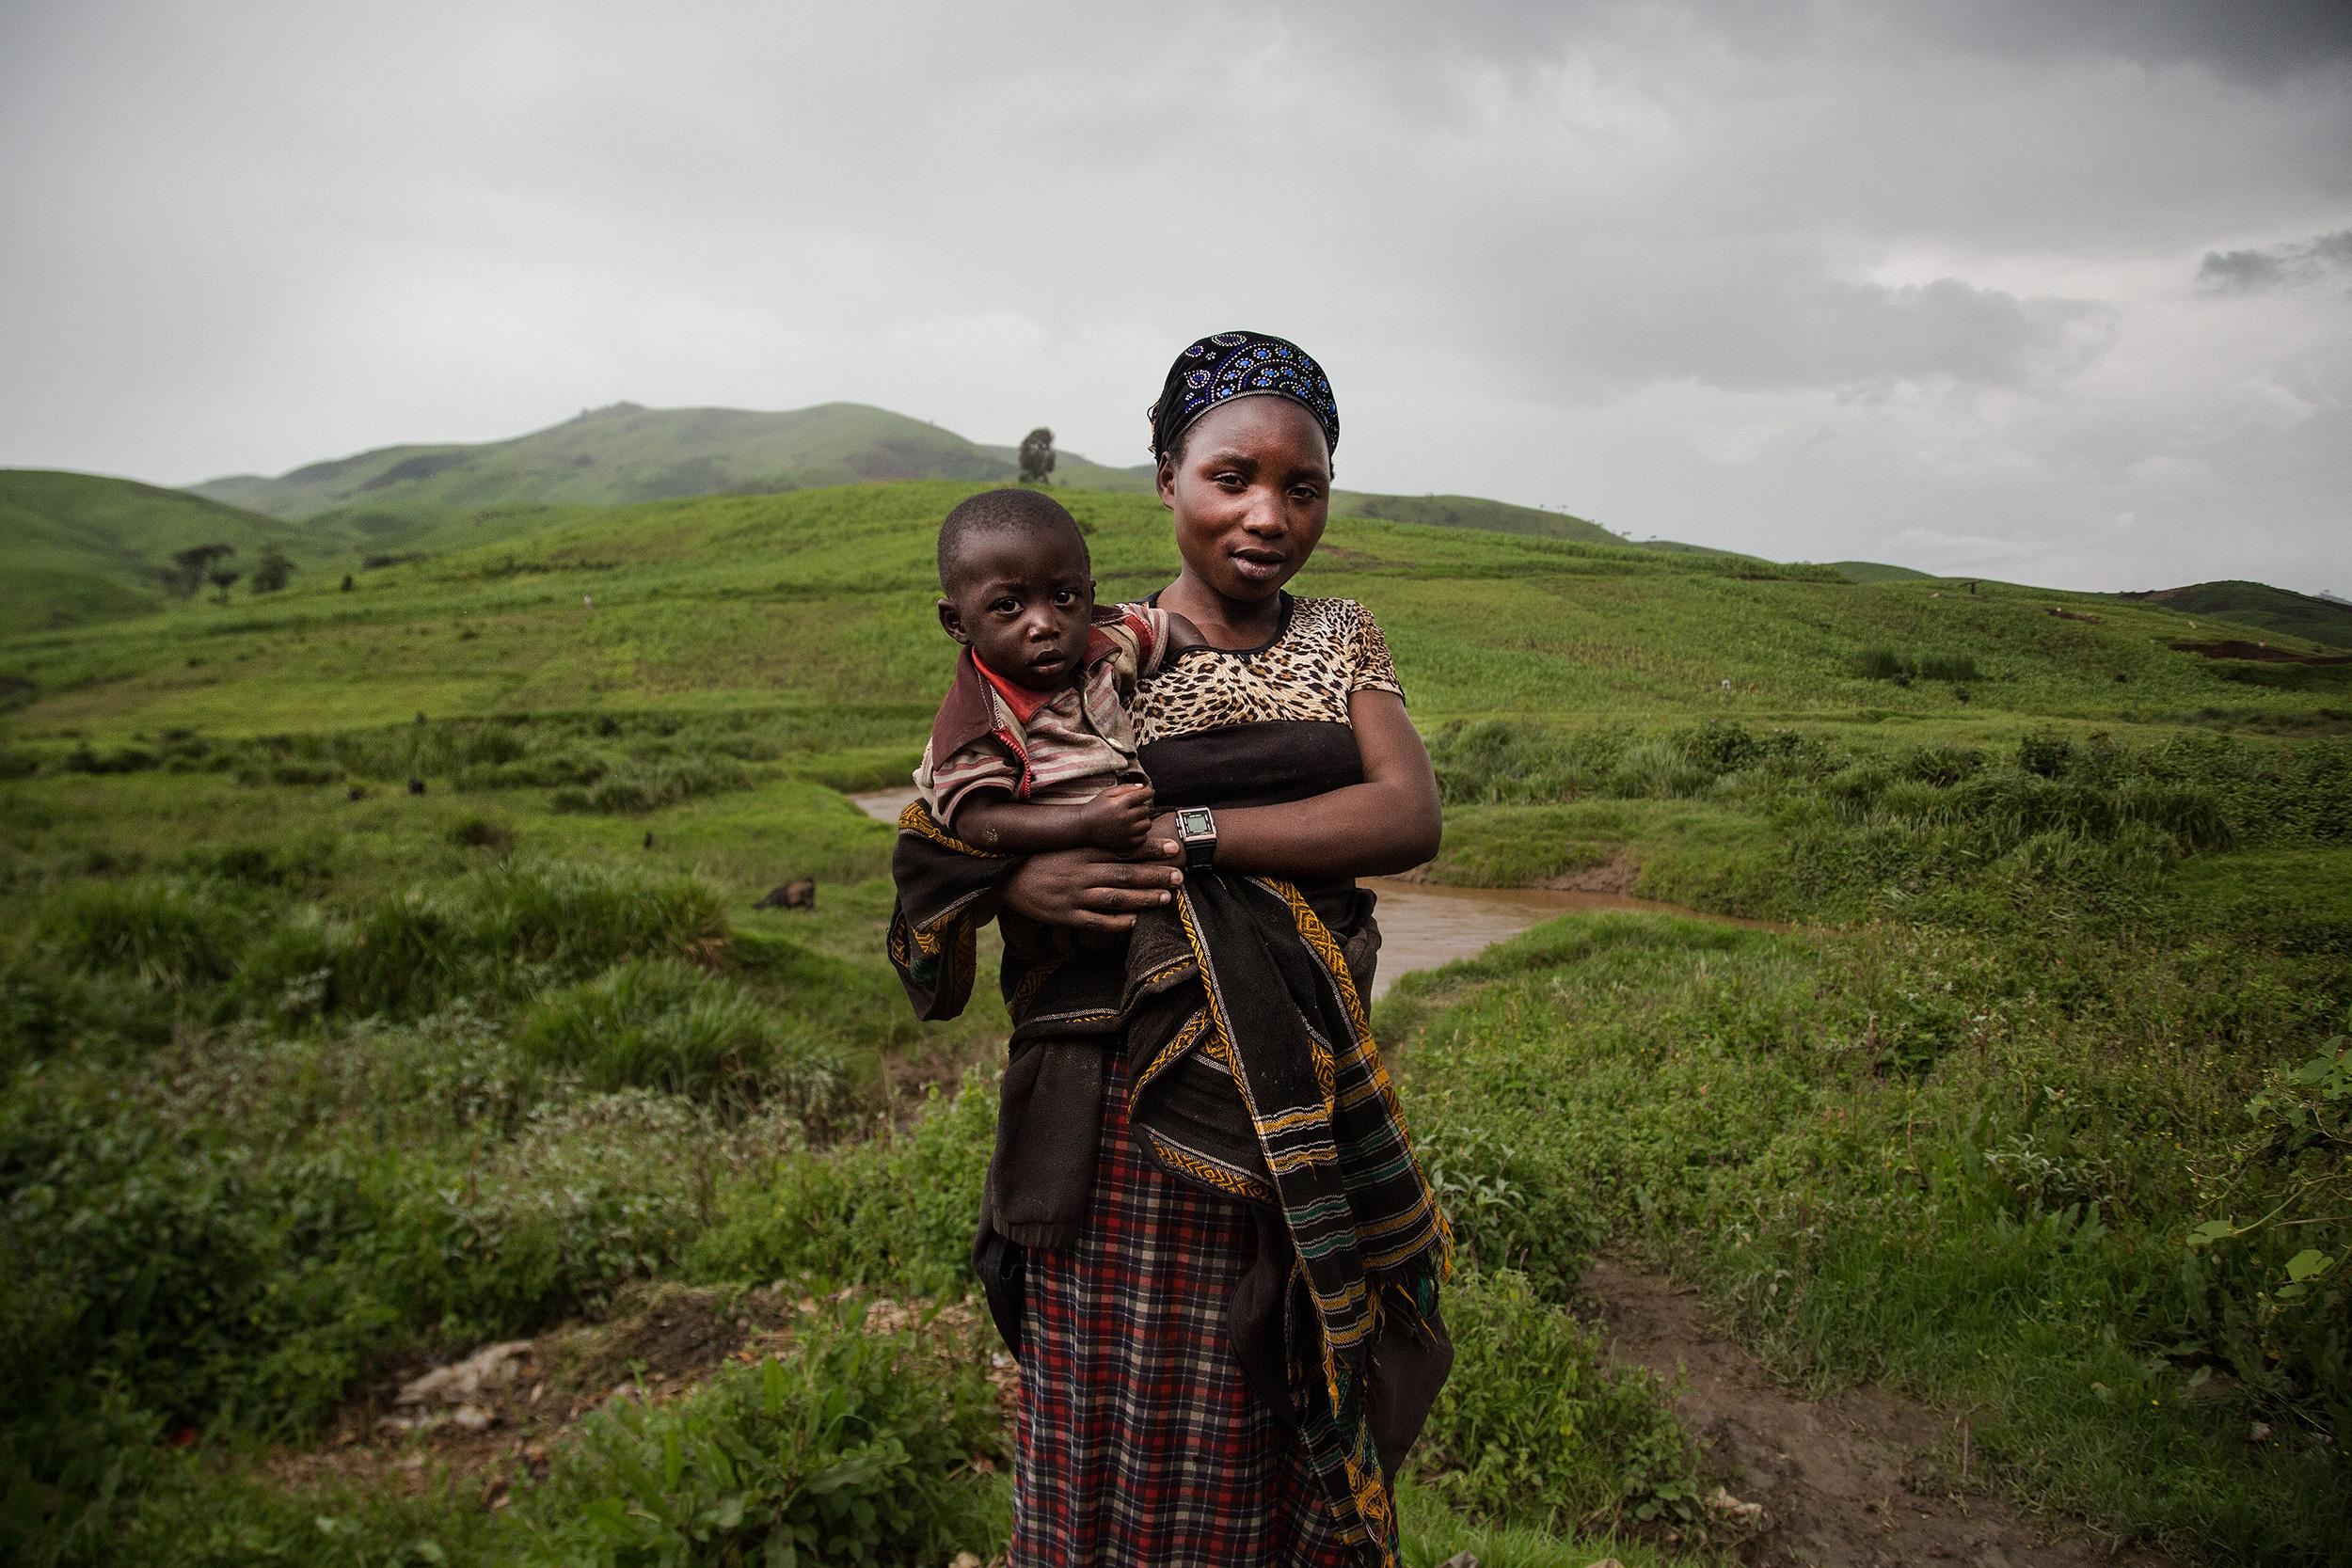 Asefili, una trabajadora del coltán, mira a cámara con su hijo en brazos en medio del campo.